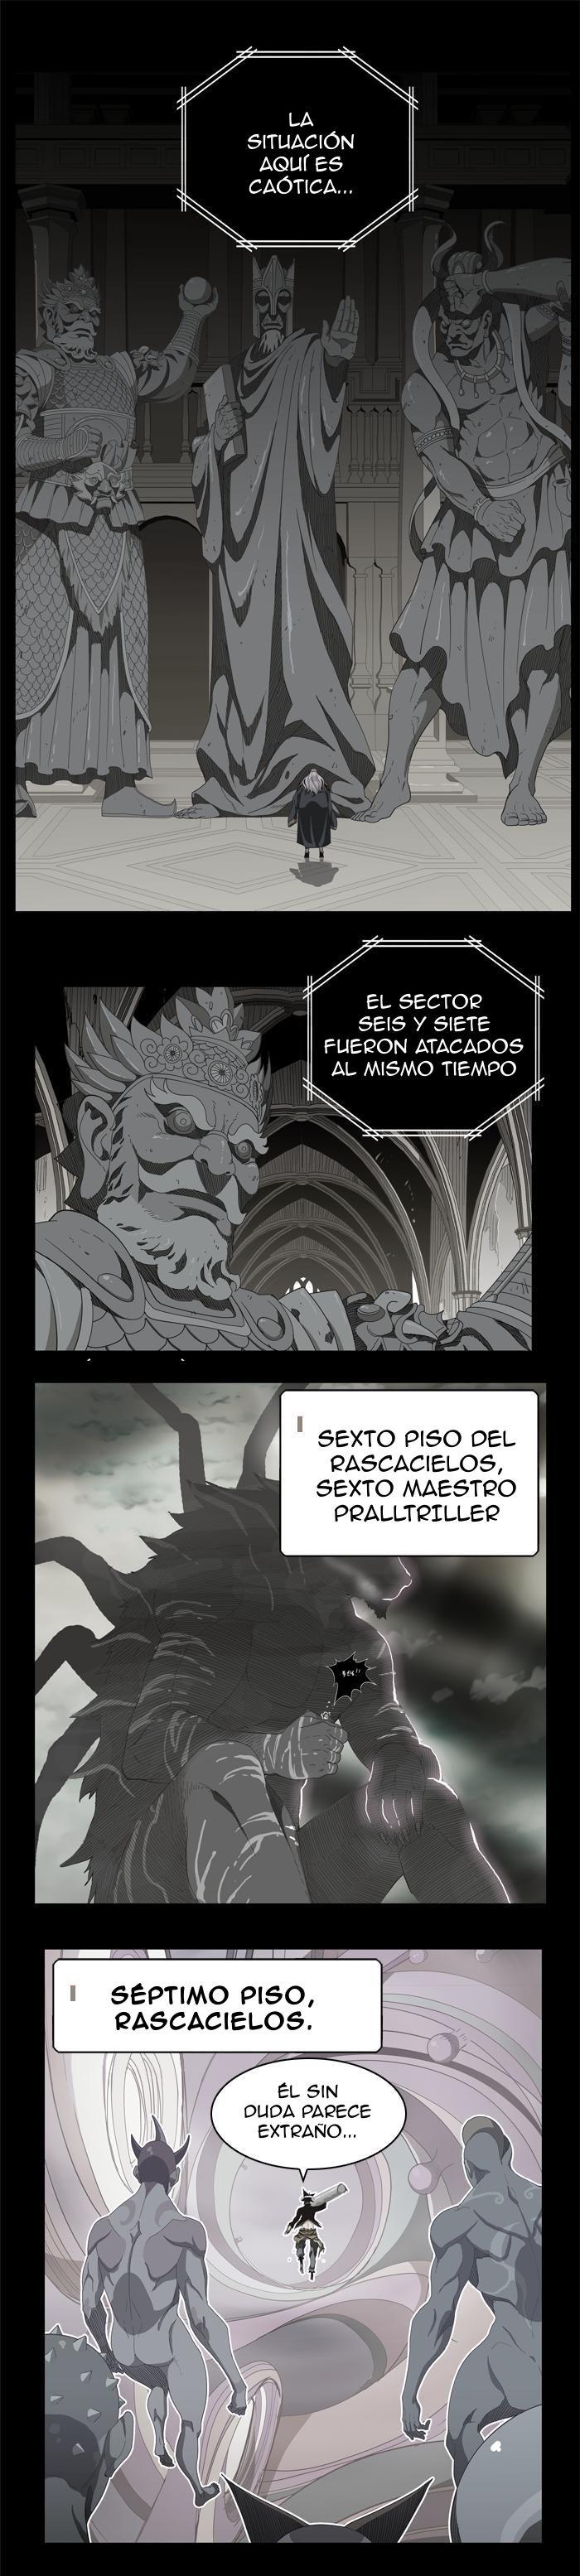 http://c5.ninemanga.com/es_manga/pic2/37/485/524777/20d057a7e9ec94743f6a5a974e94a64e.jpg Page 6